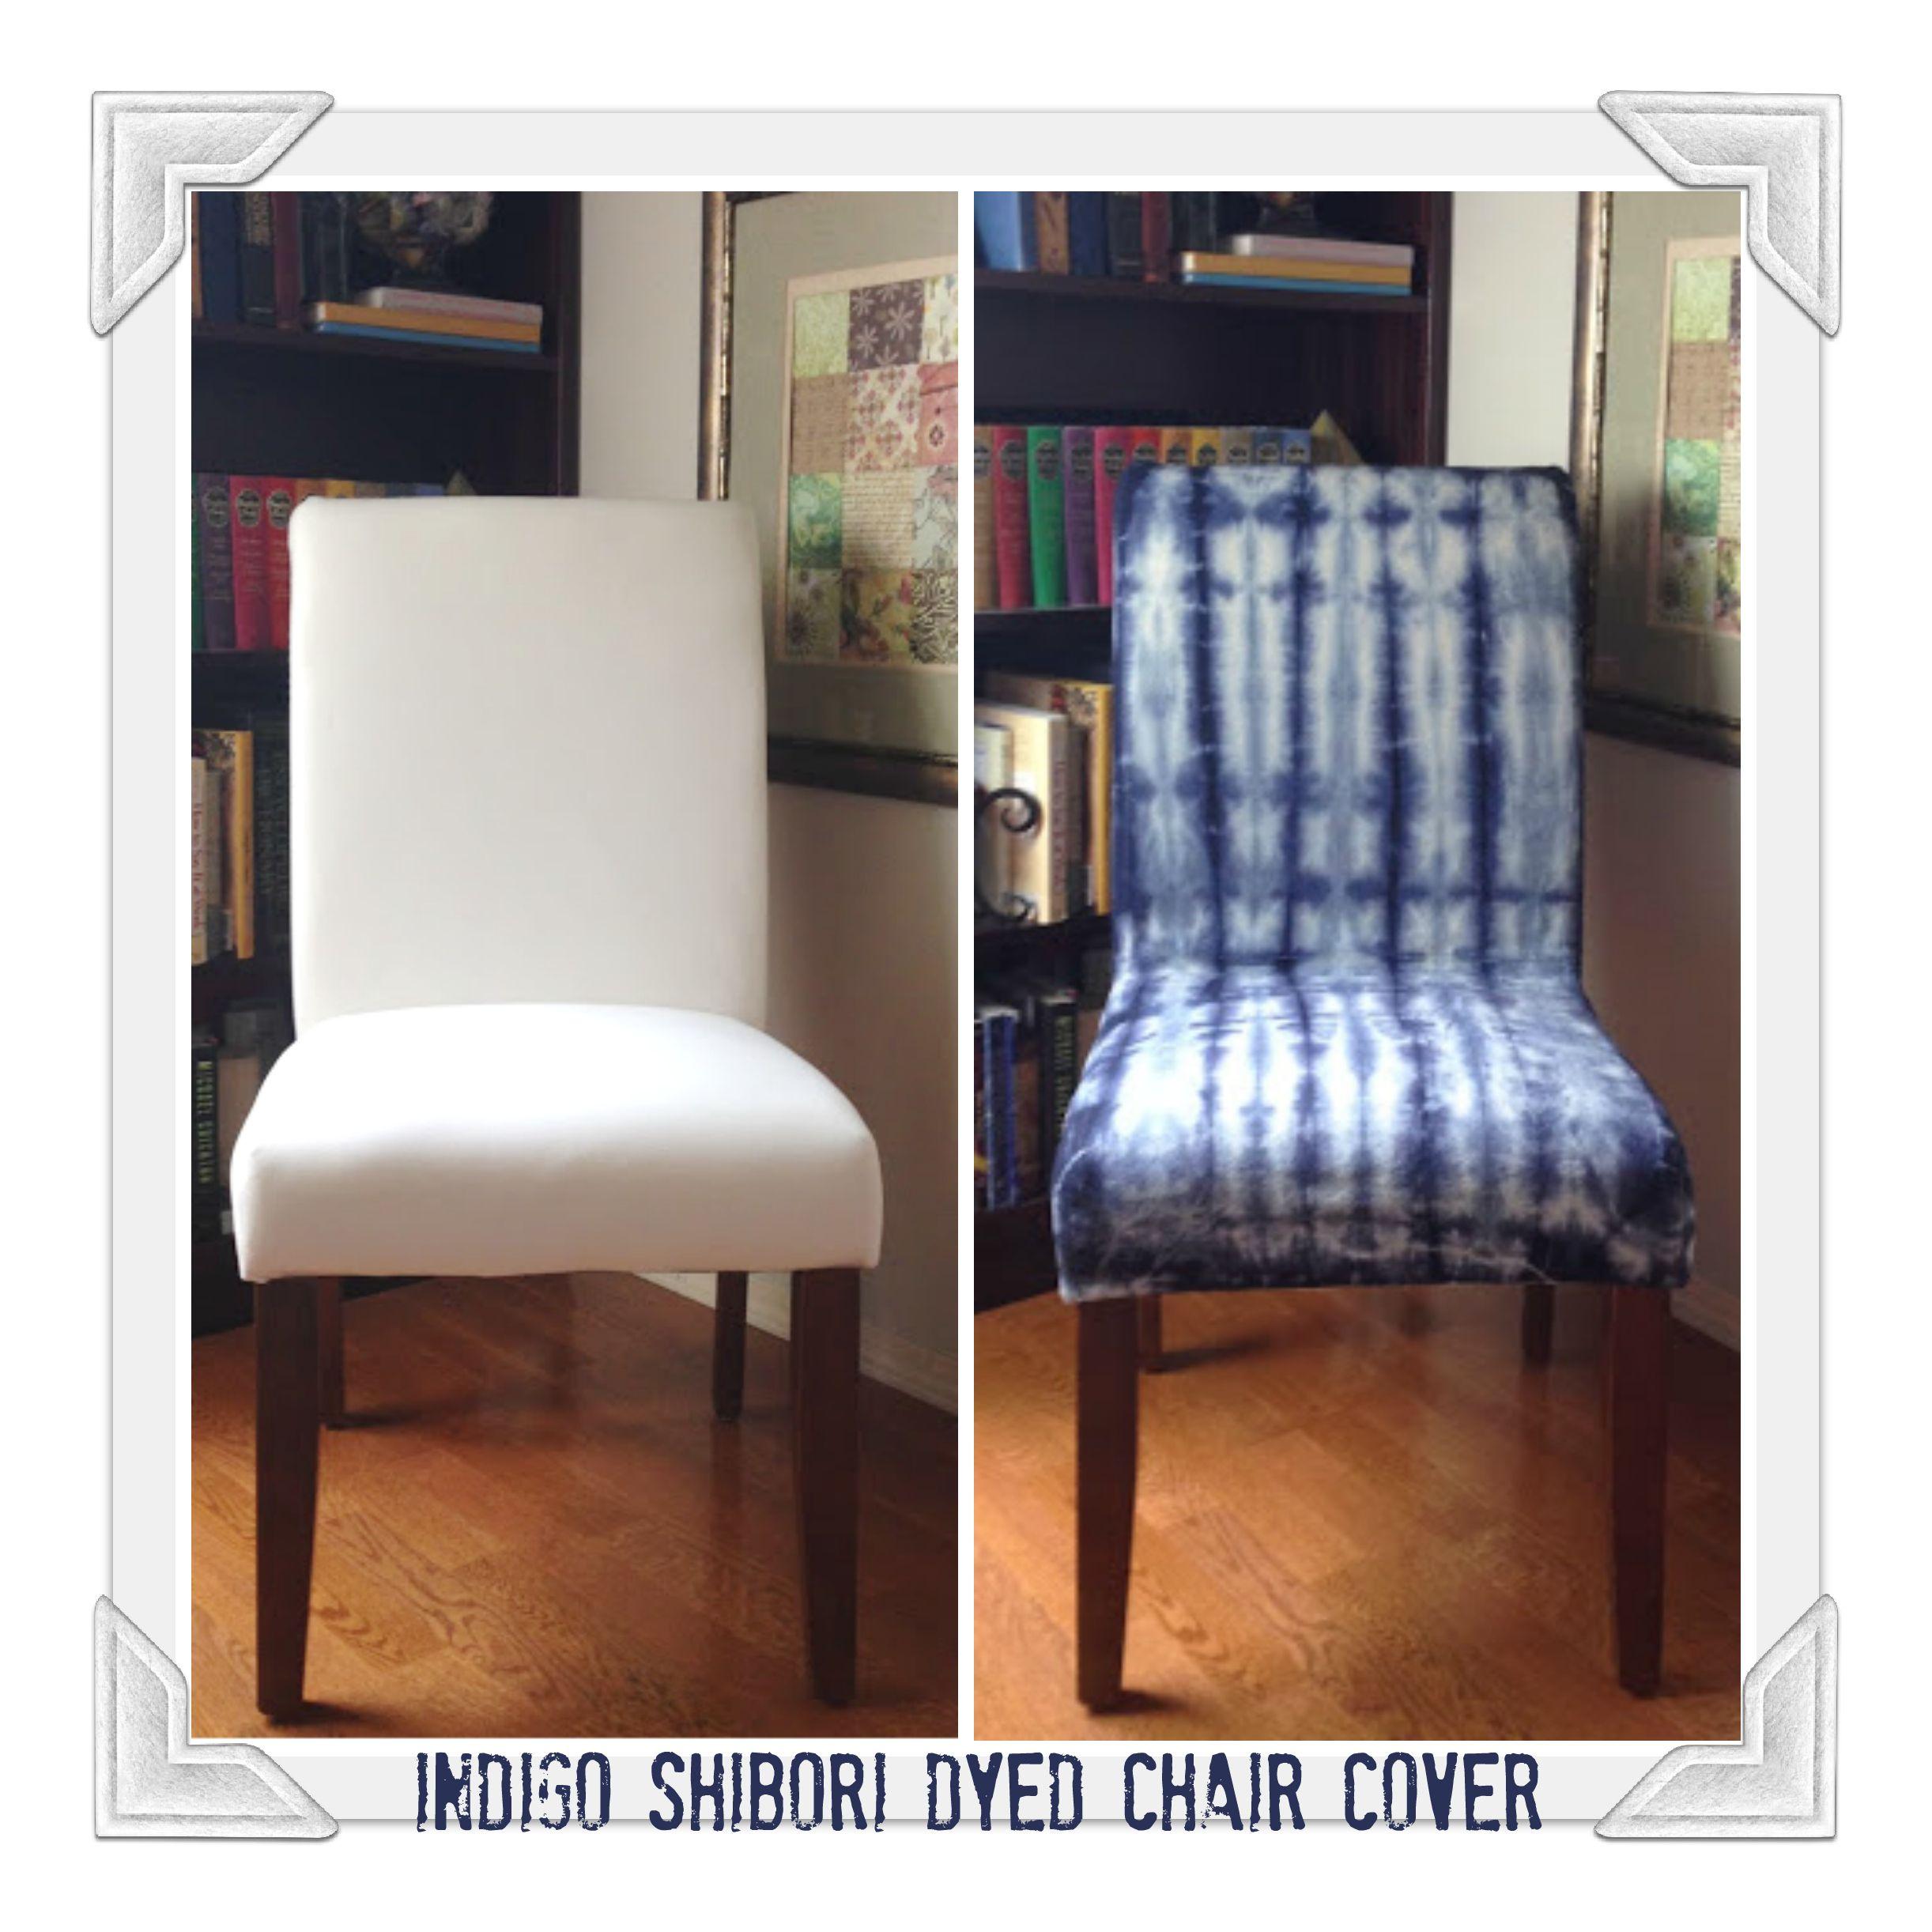 Indigo Shibori Dyed Chair Cover